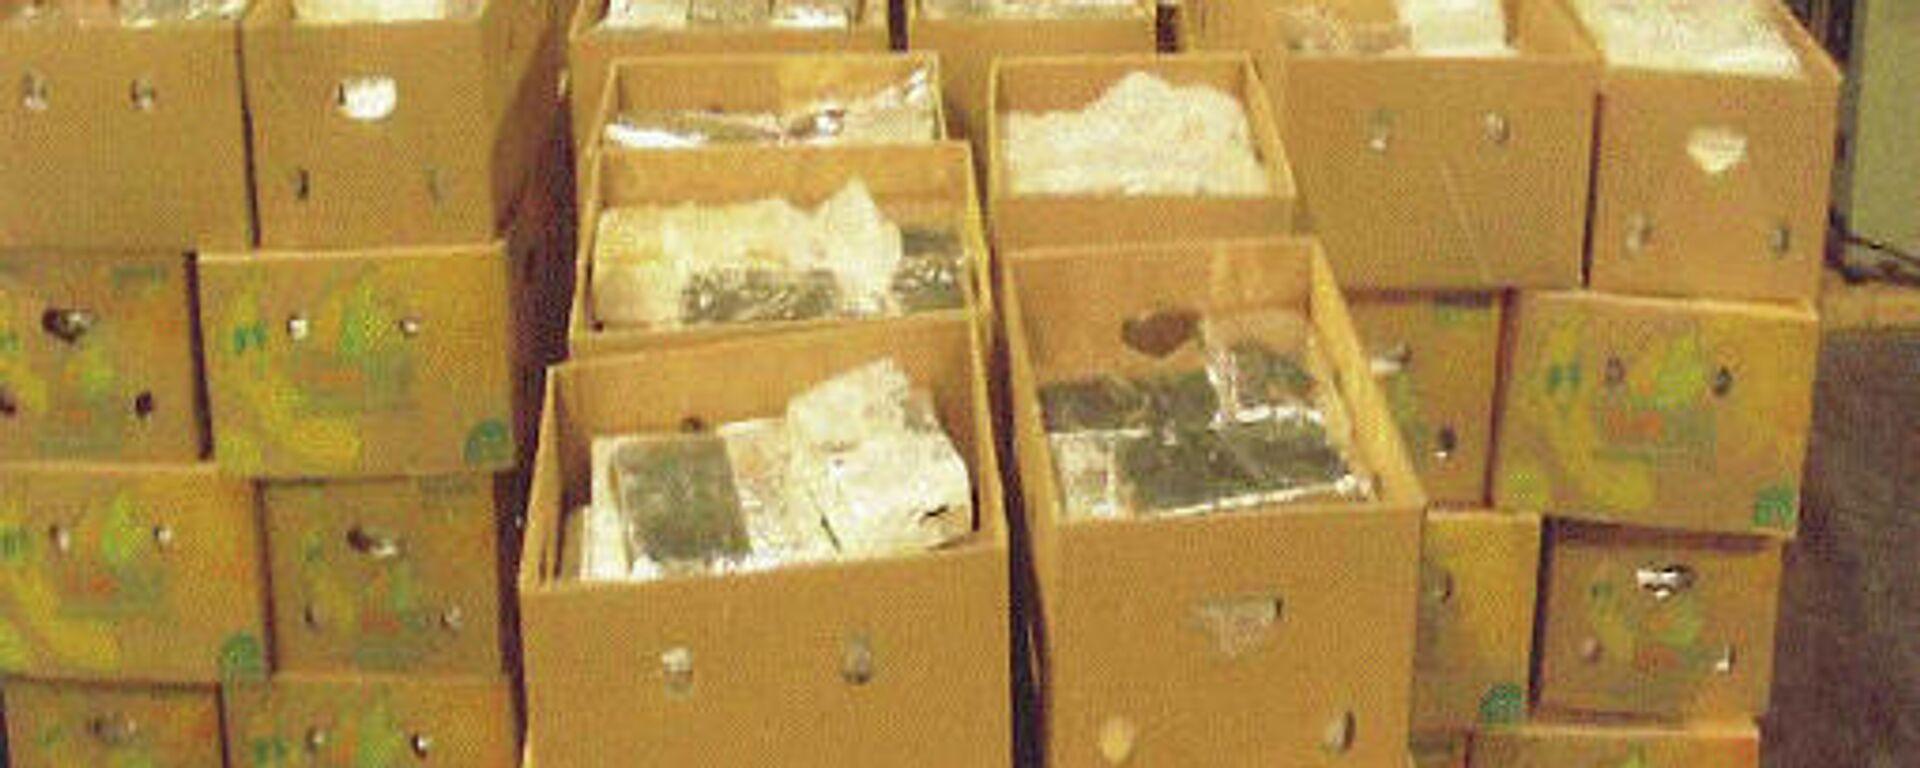 Eine im Hafen von Antwerpen beschlgnahmte Kokain-Lieferung (Arshivbild) - SNA, 1920, 08.09.2021